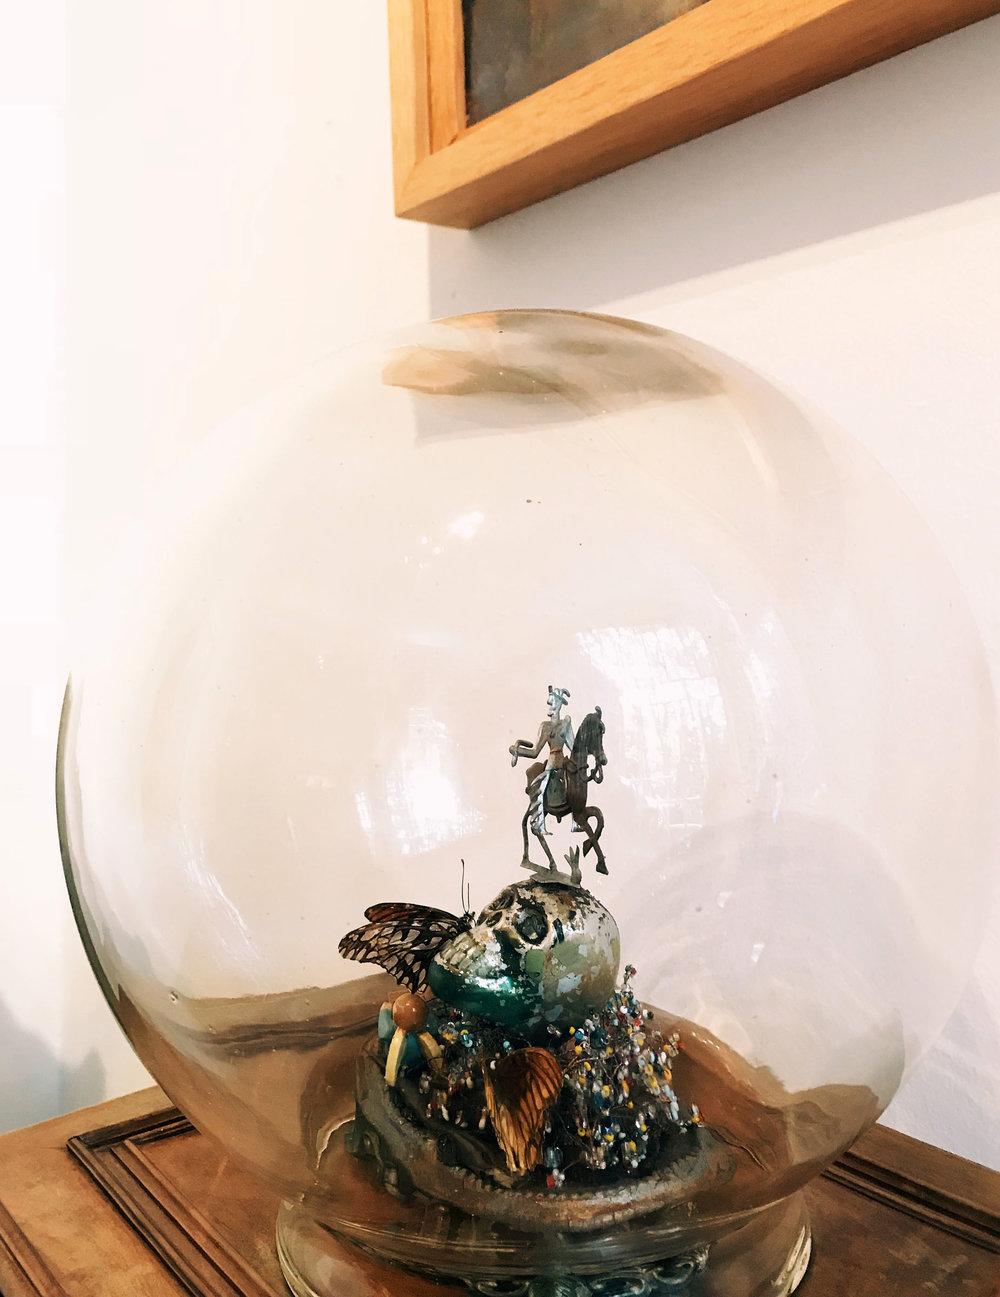 cdmx-03-kahlo-globe.jpg